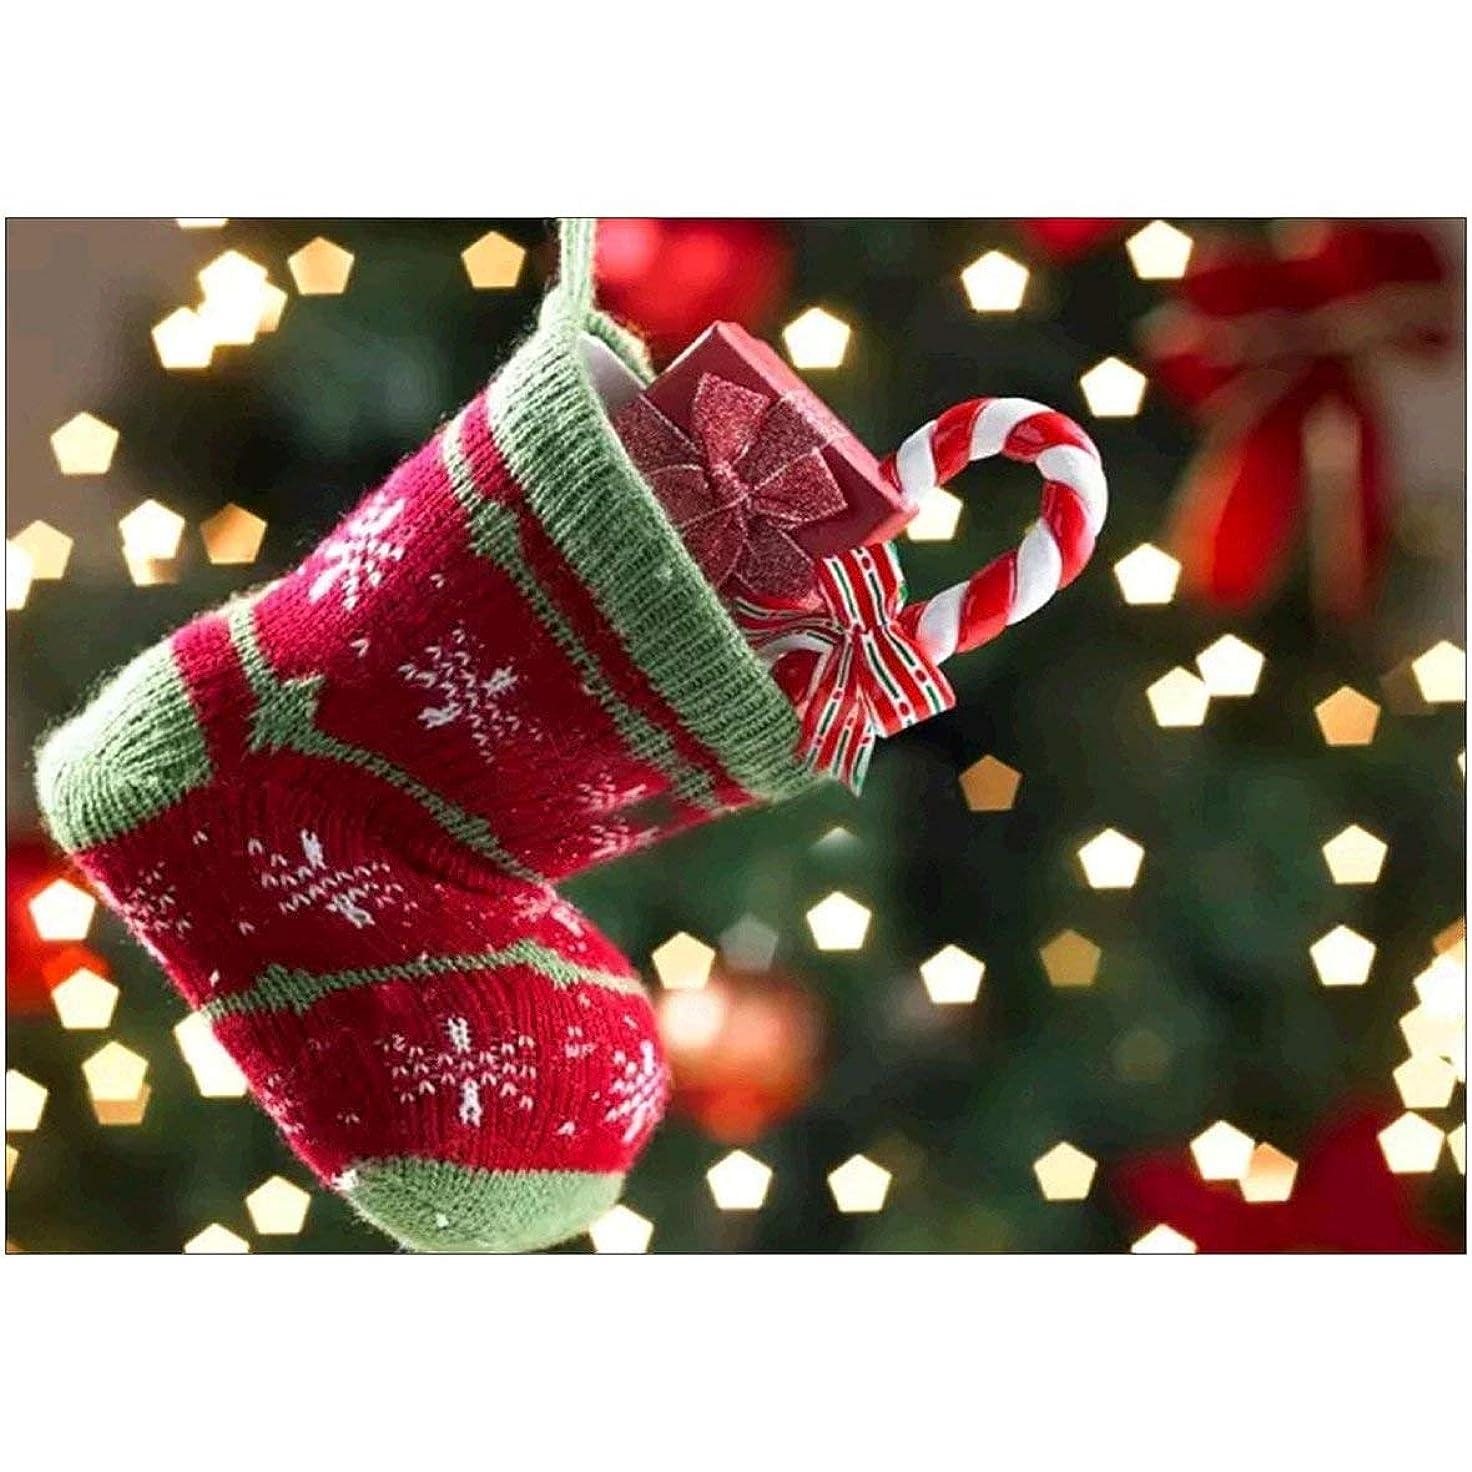 接尾辞意識病気のTivollyff クリスマスダイヤモンド塗装キットフルドリルアクセサリー装飾ラインストーンホームウォールアート装飾アートクラフト